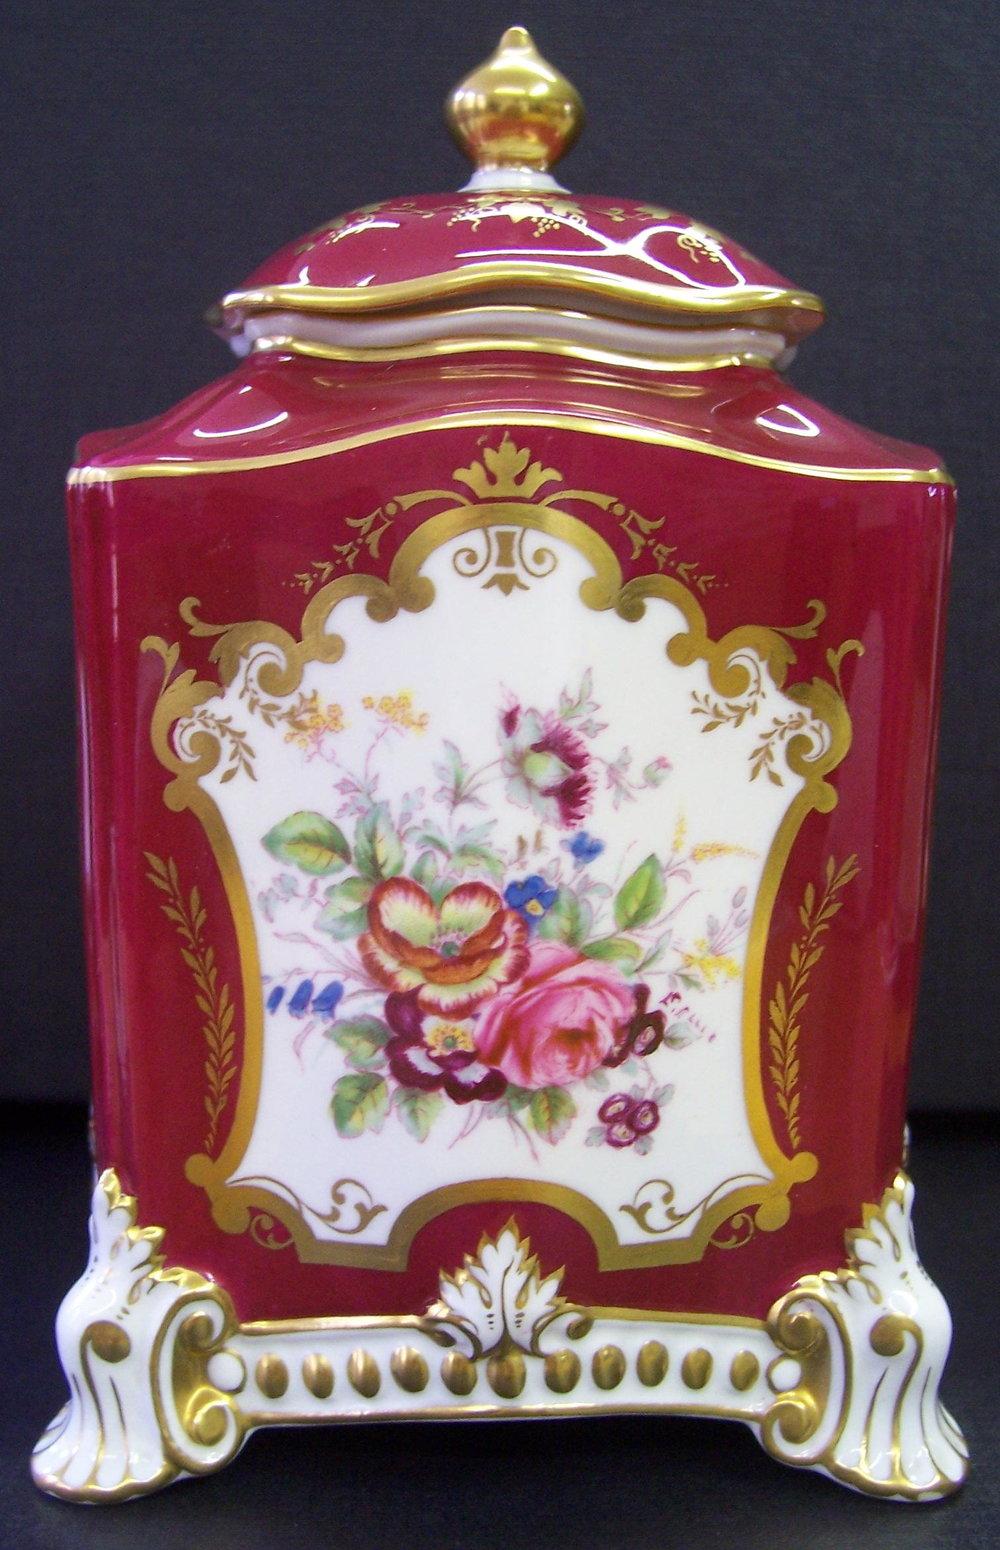 royal-crown-derby-maroon-ellis-caddie-1796-shape